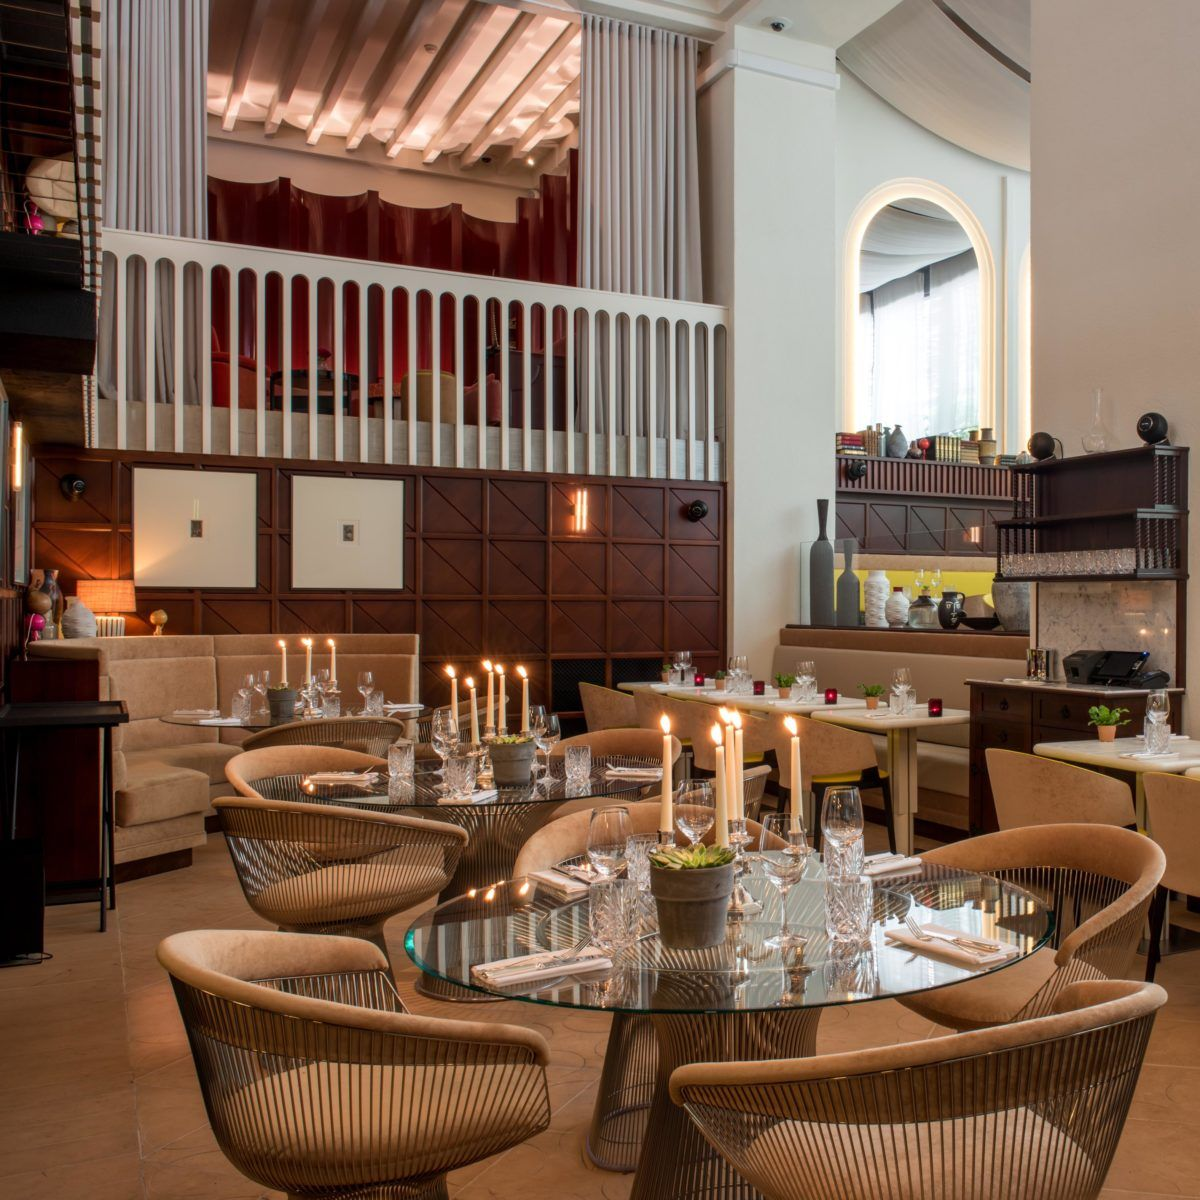 Restaurant Original Le Marais Paris 3eme Adam Bentalha Cuisine